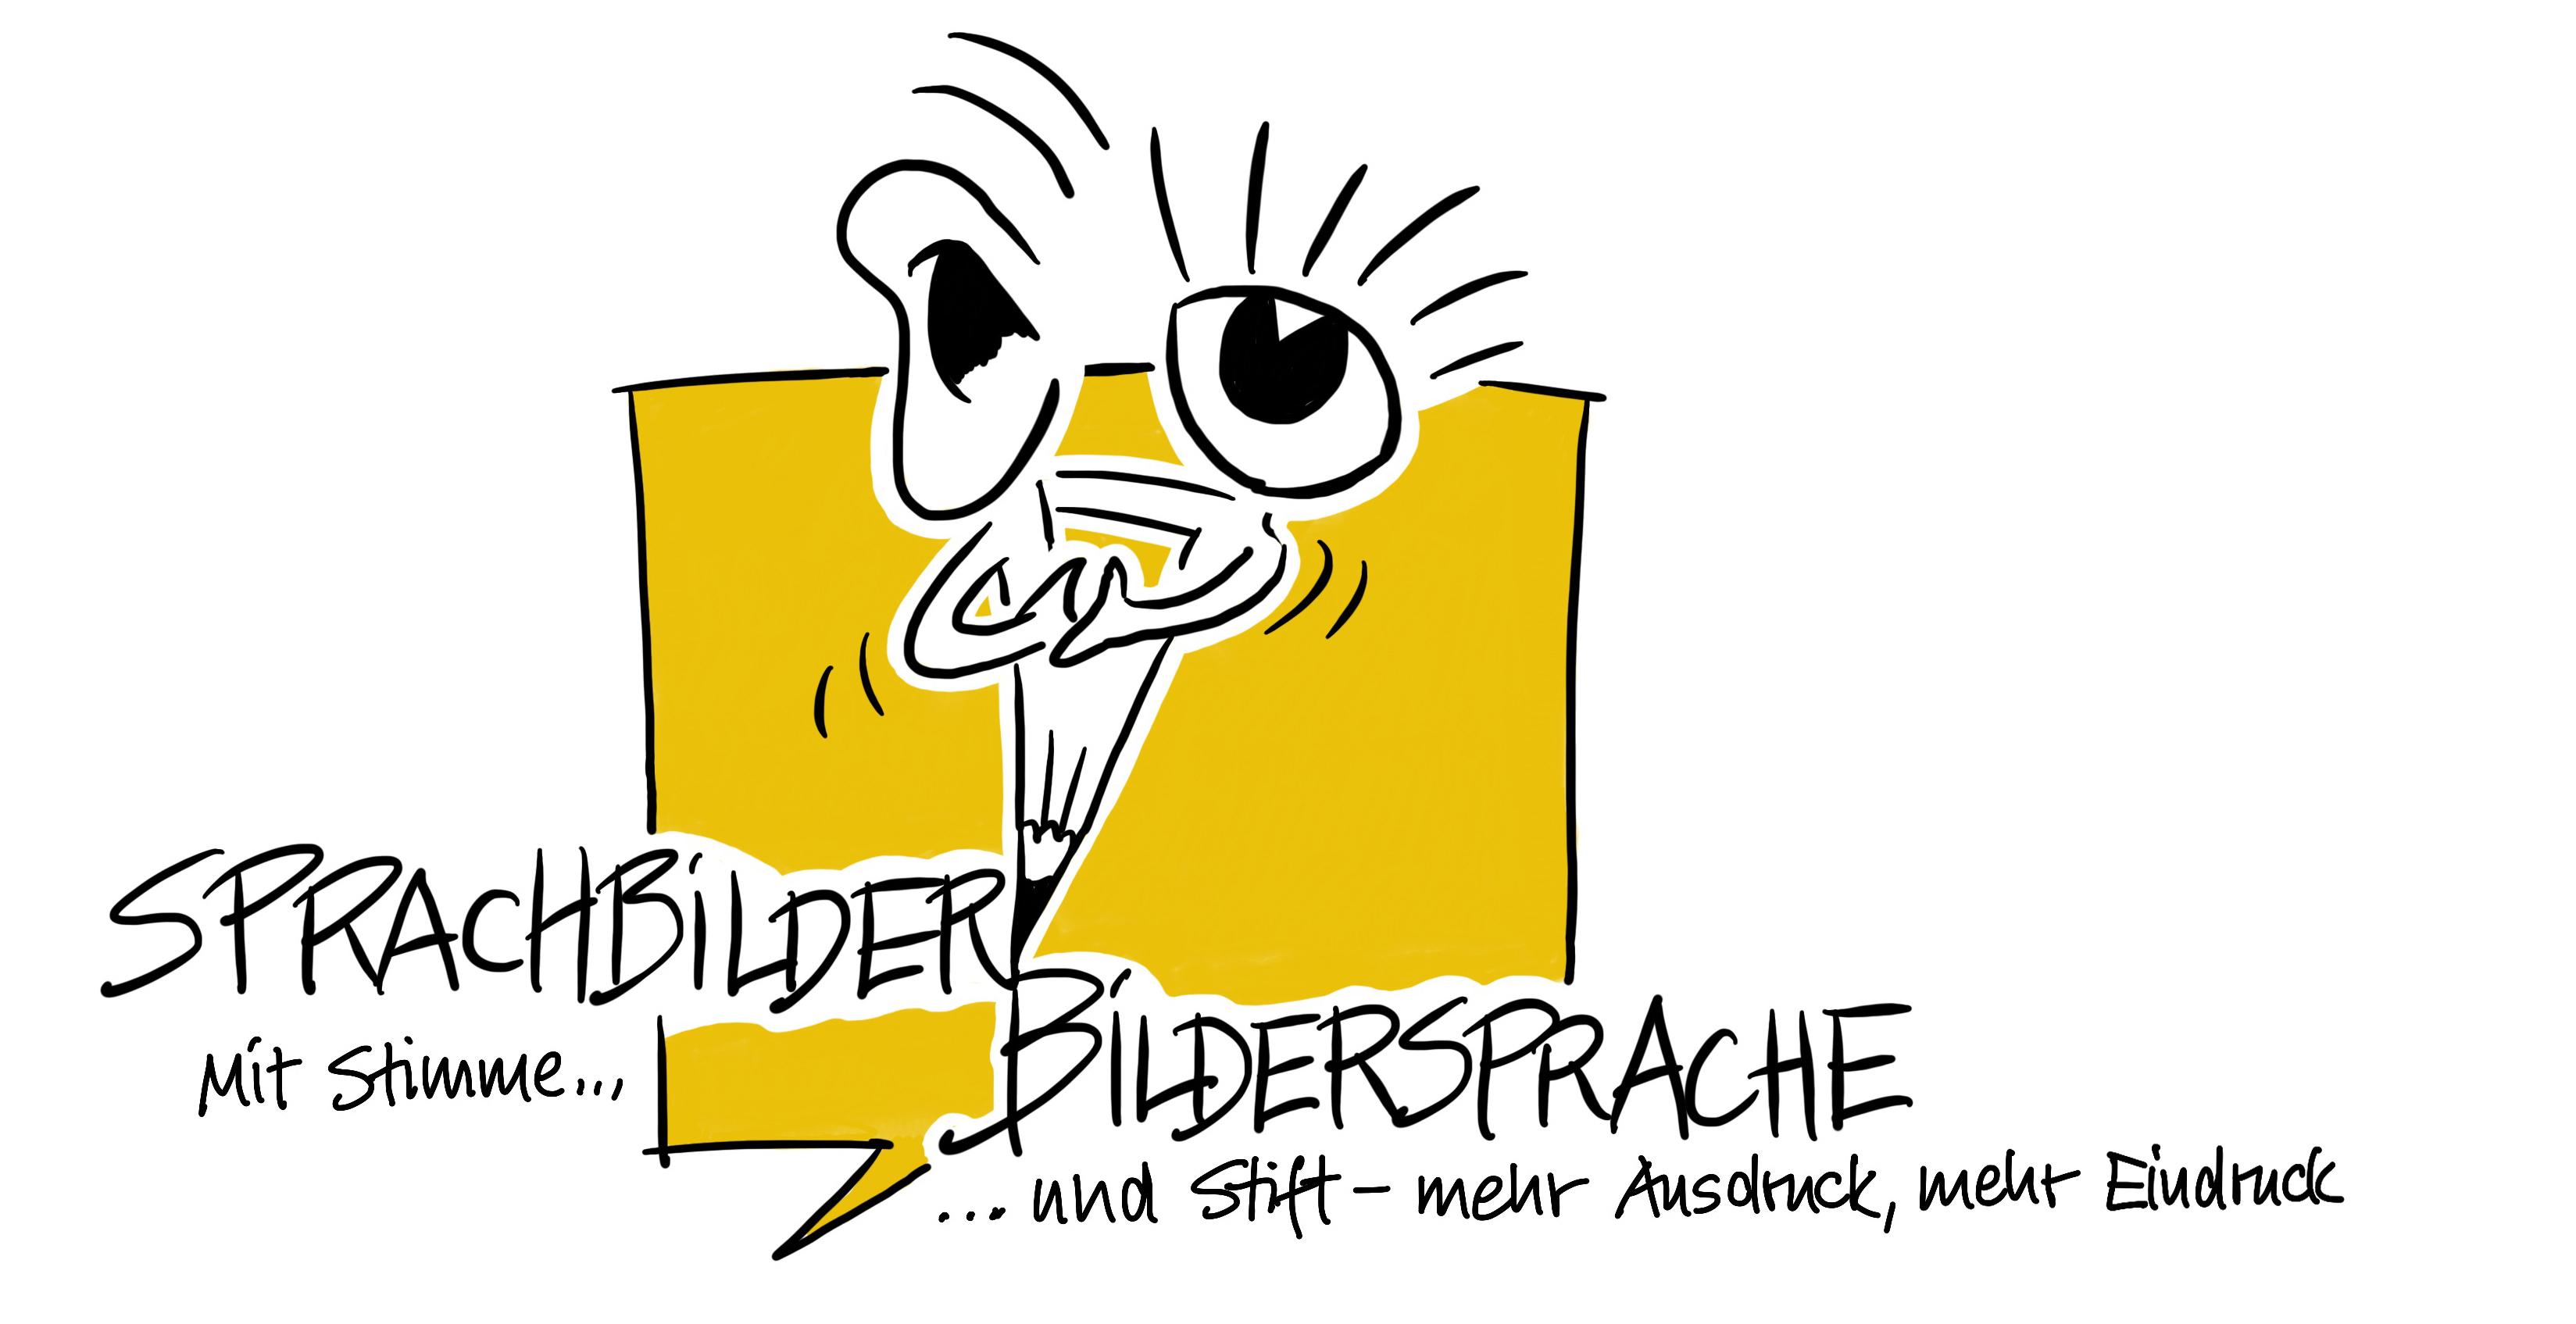 Logo_Sprachbilder_Bildersprache